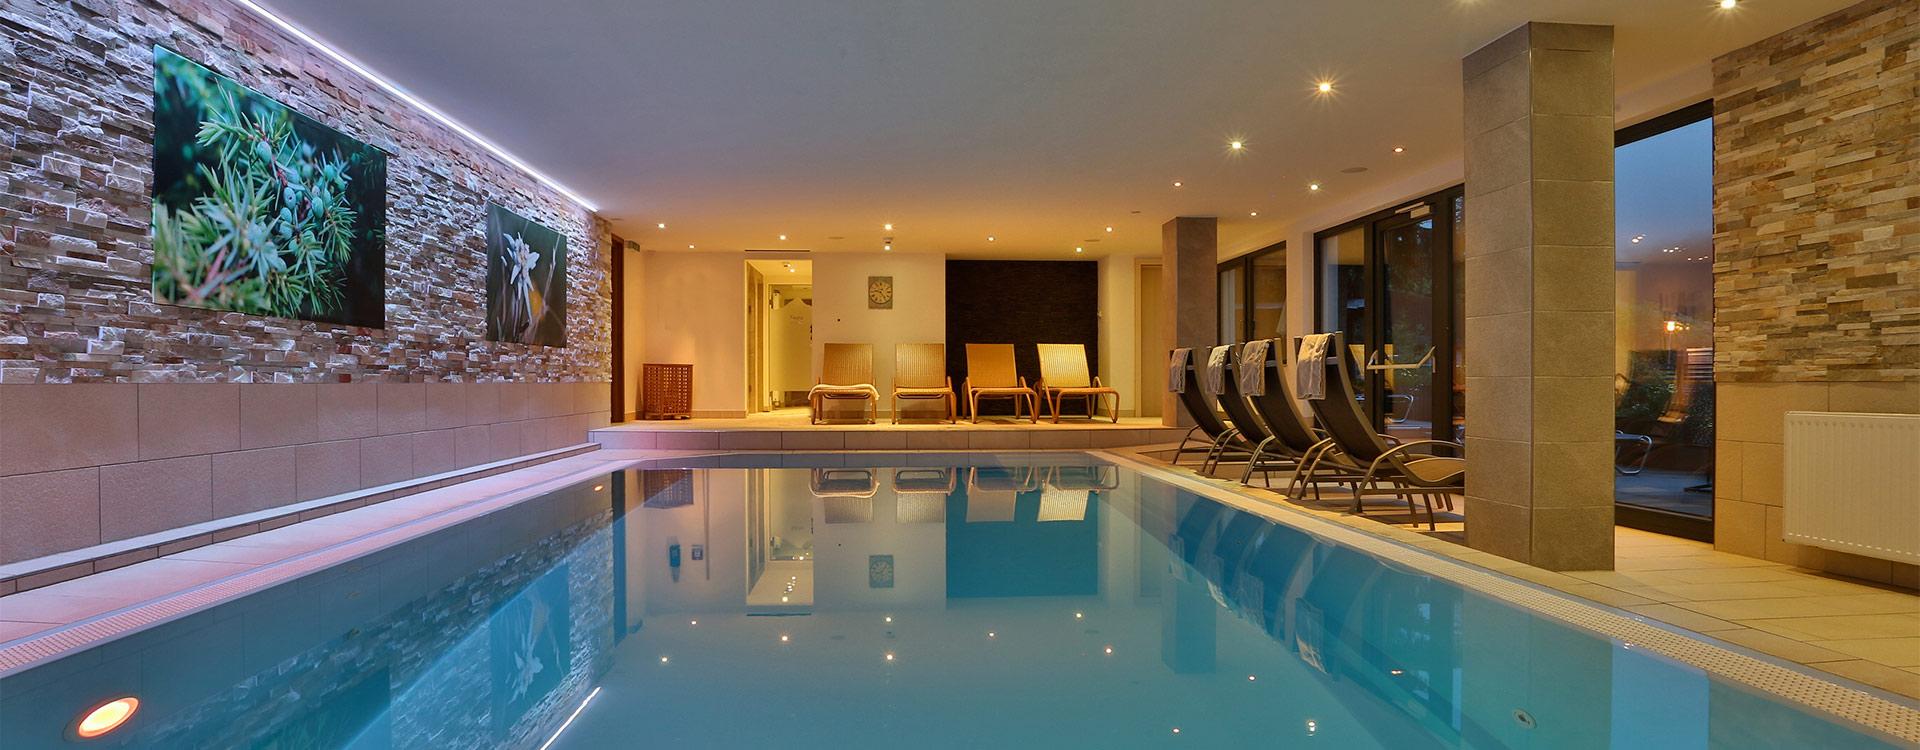 hotel-soelden-hallenbad-slider